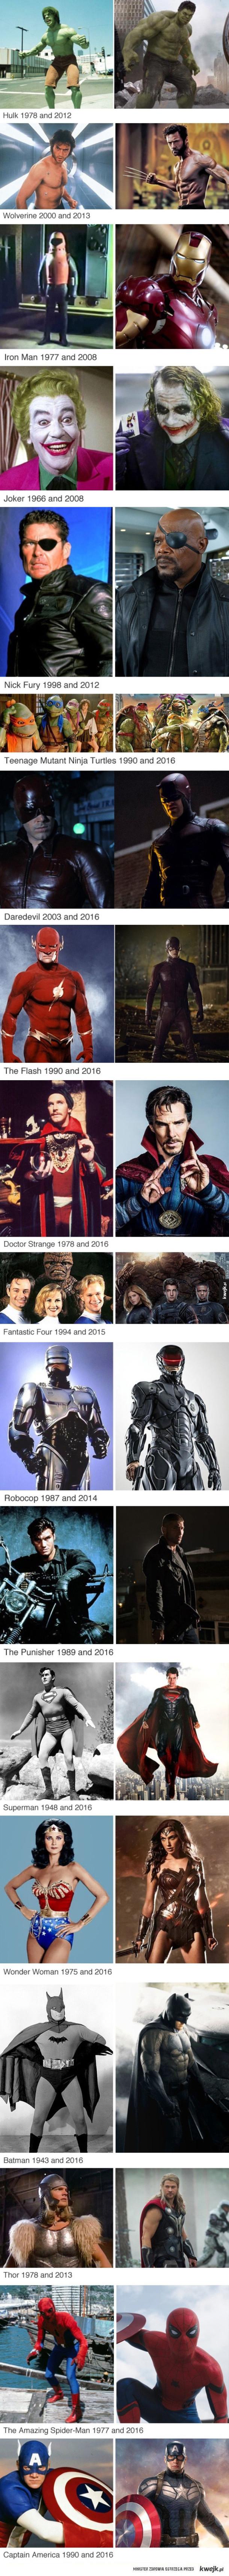 Superhero kiedyś i dziś